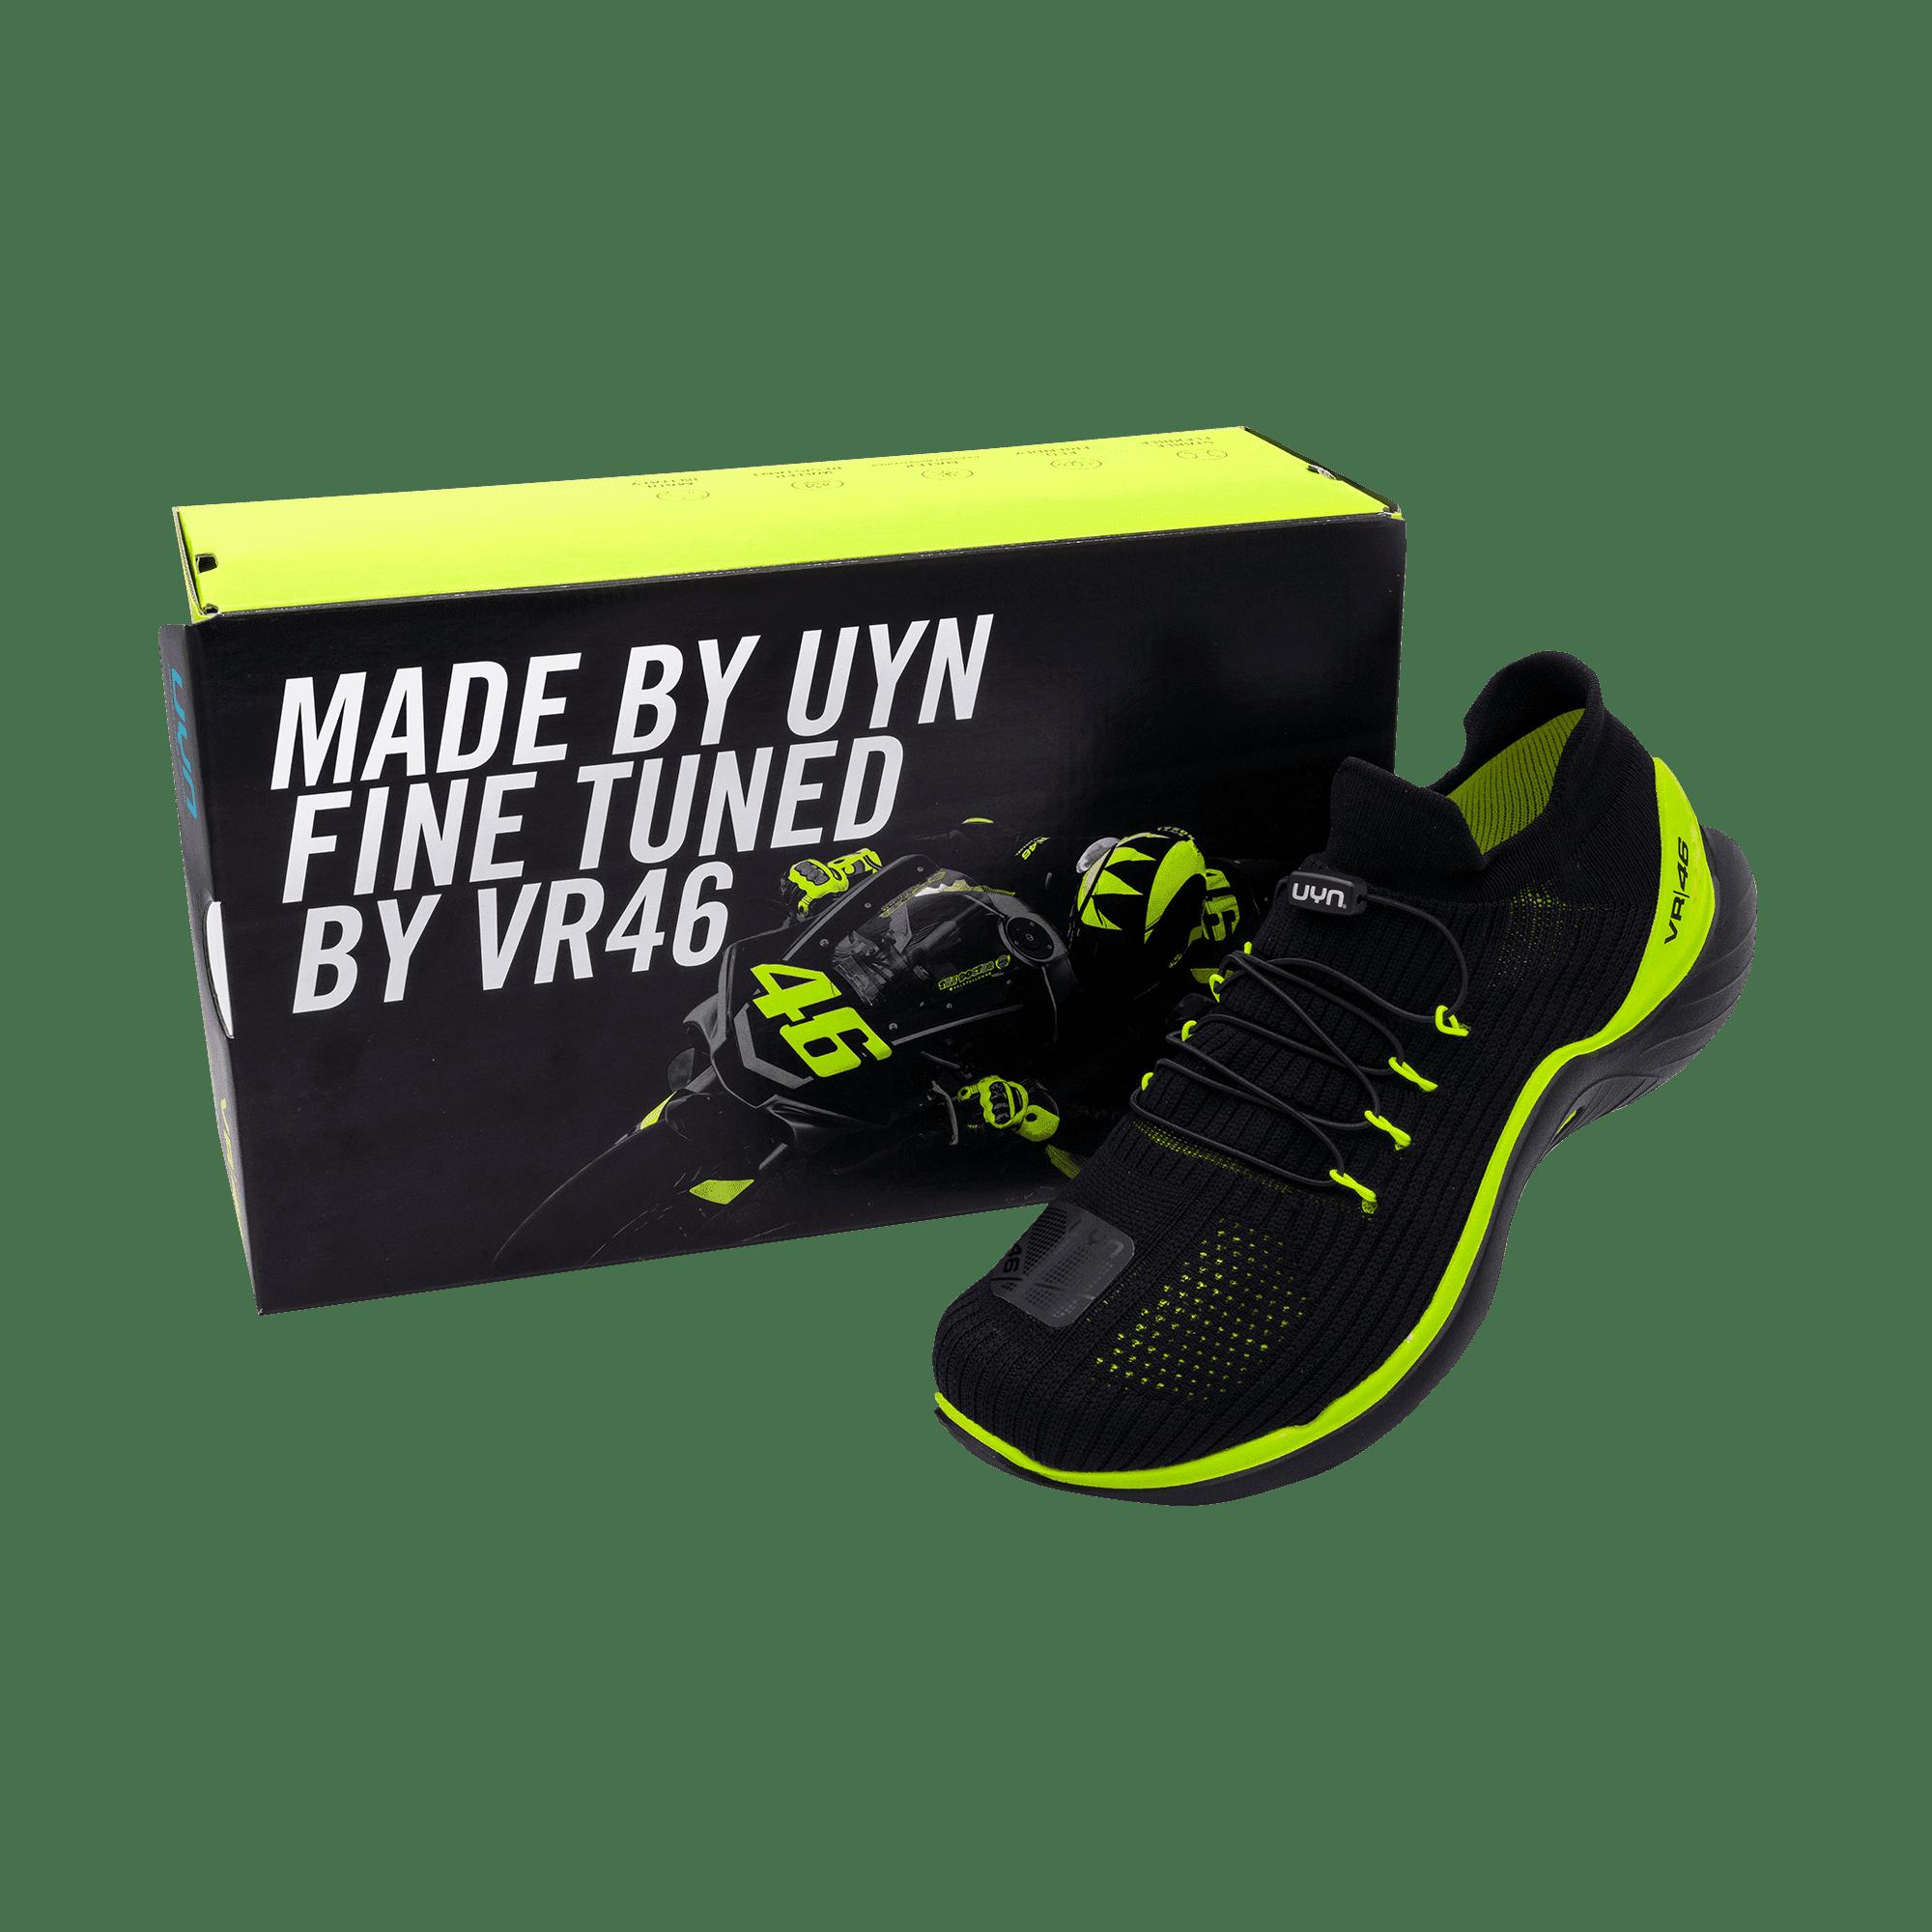 VR46 PRO shoes